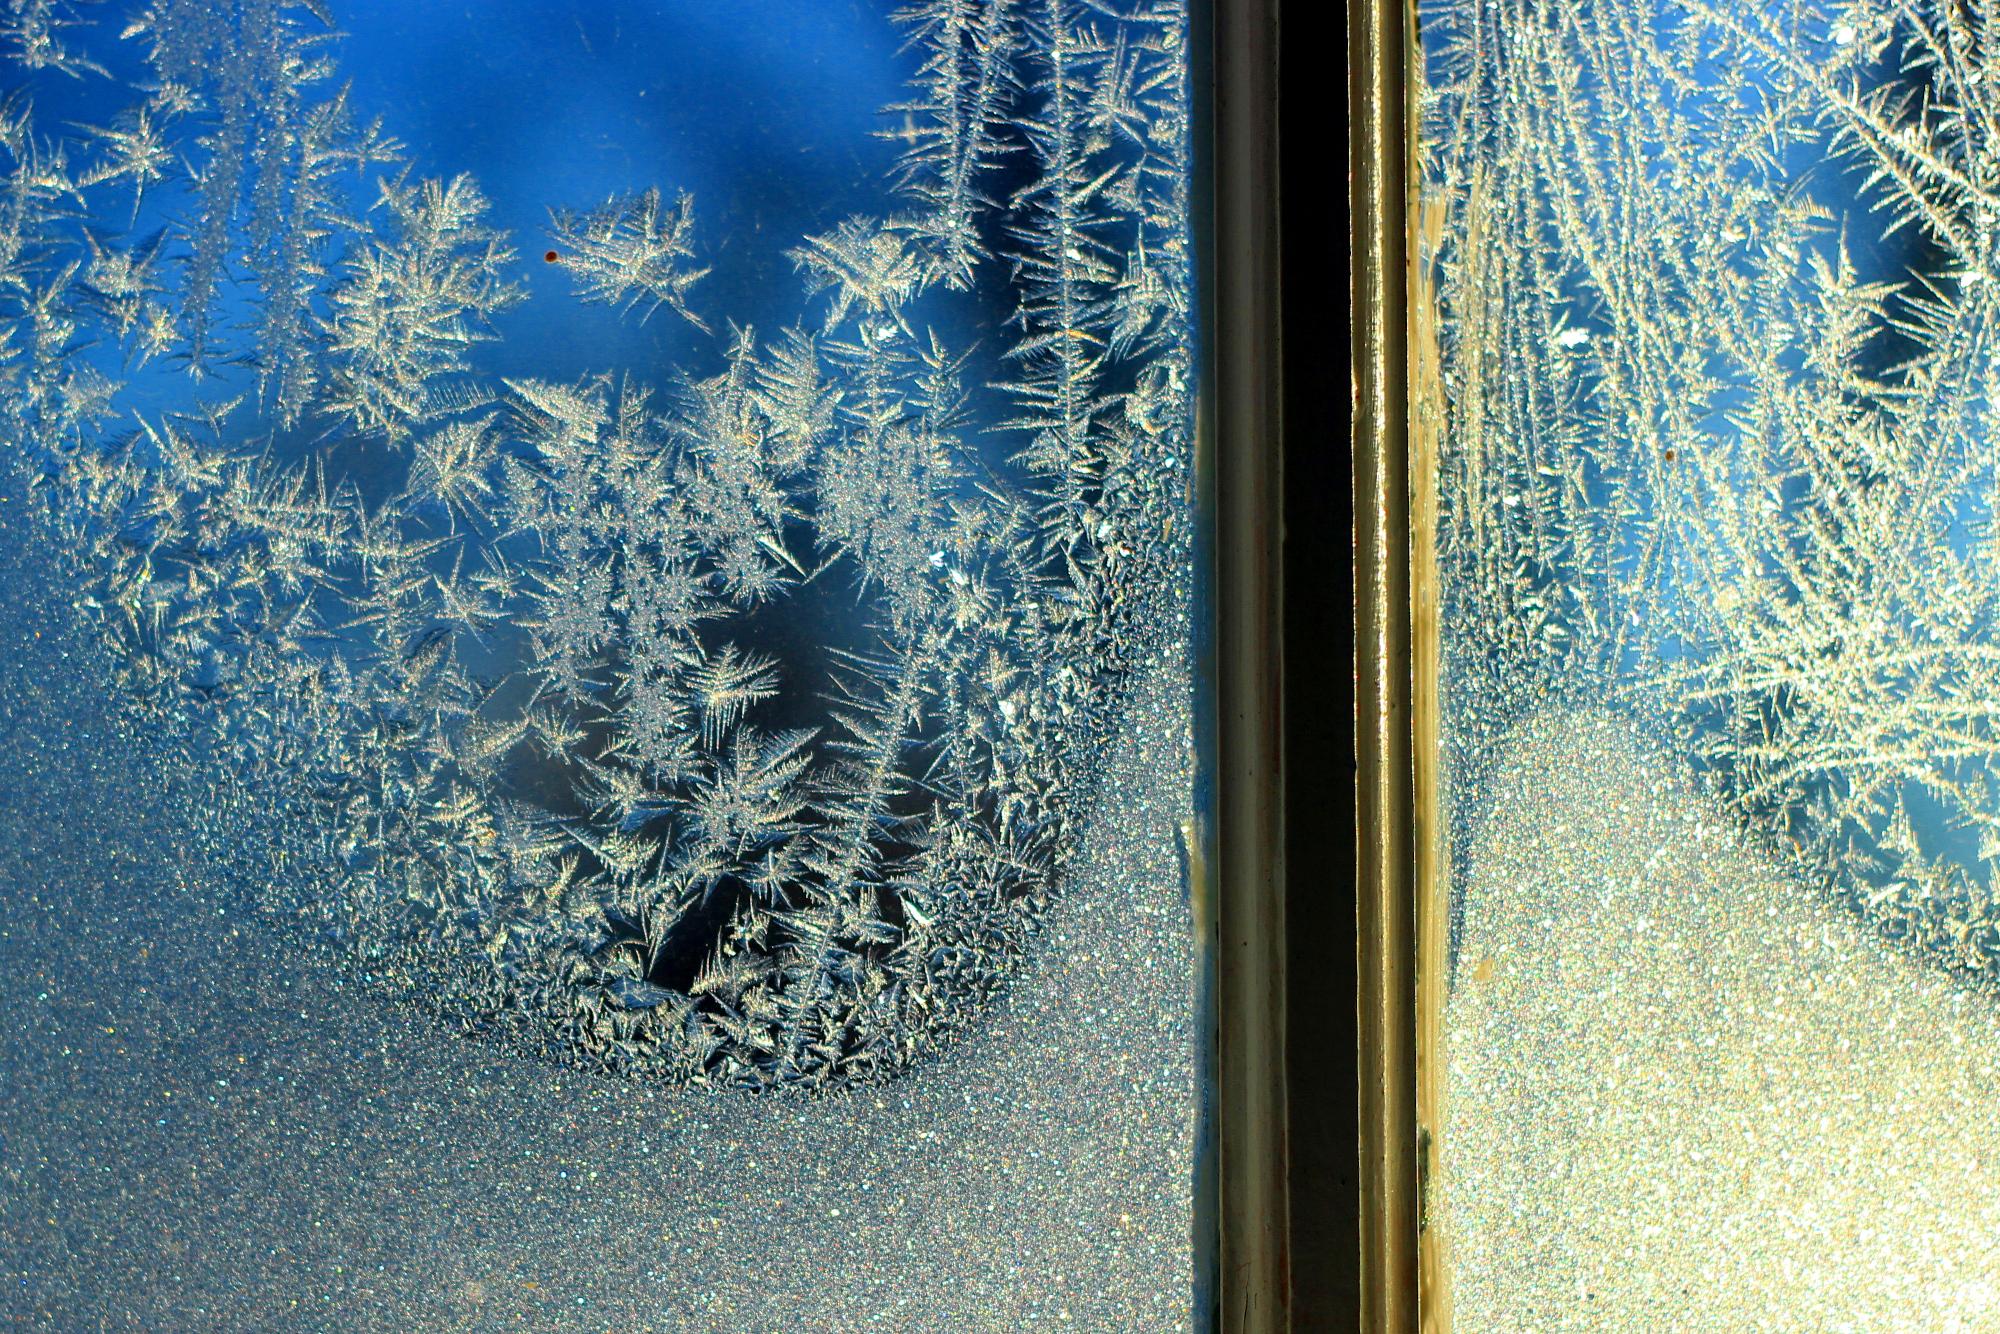 Frosty porch window